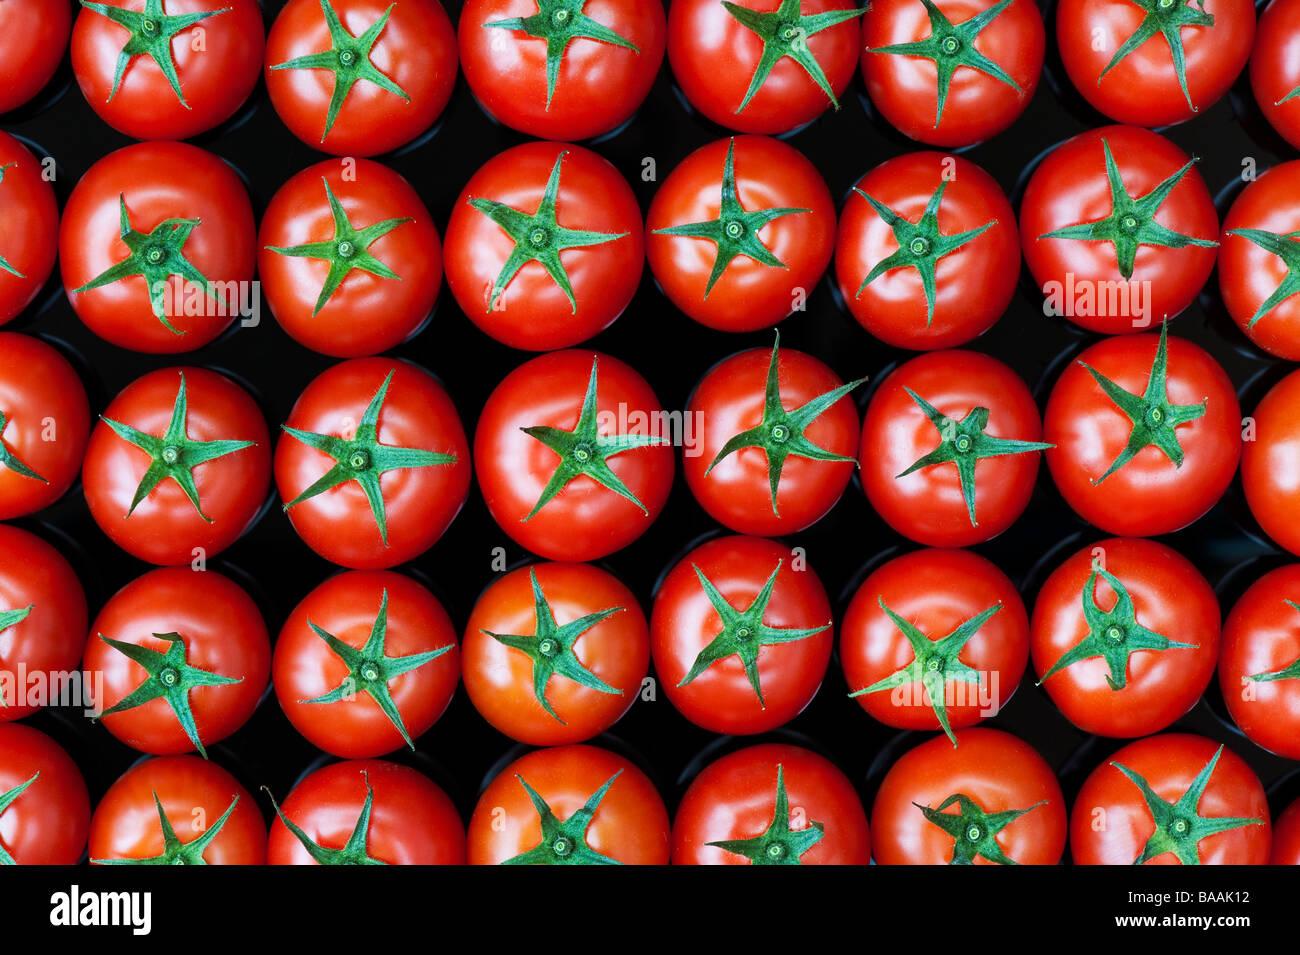 Solanum lycopersicum. Tomato pattern on reflective black background - Stock Image